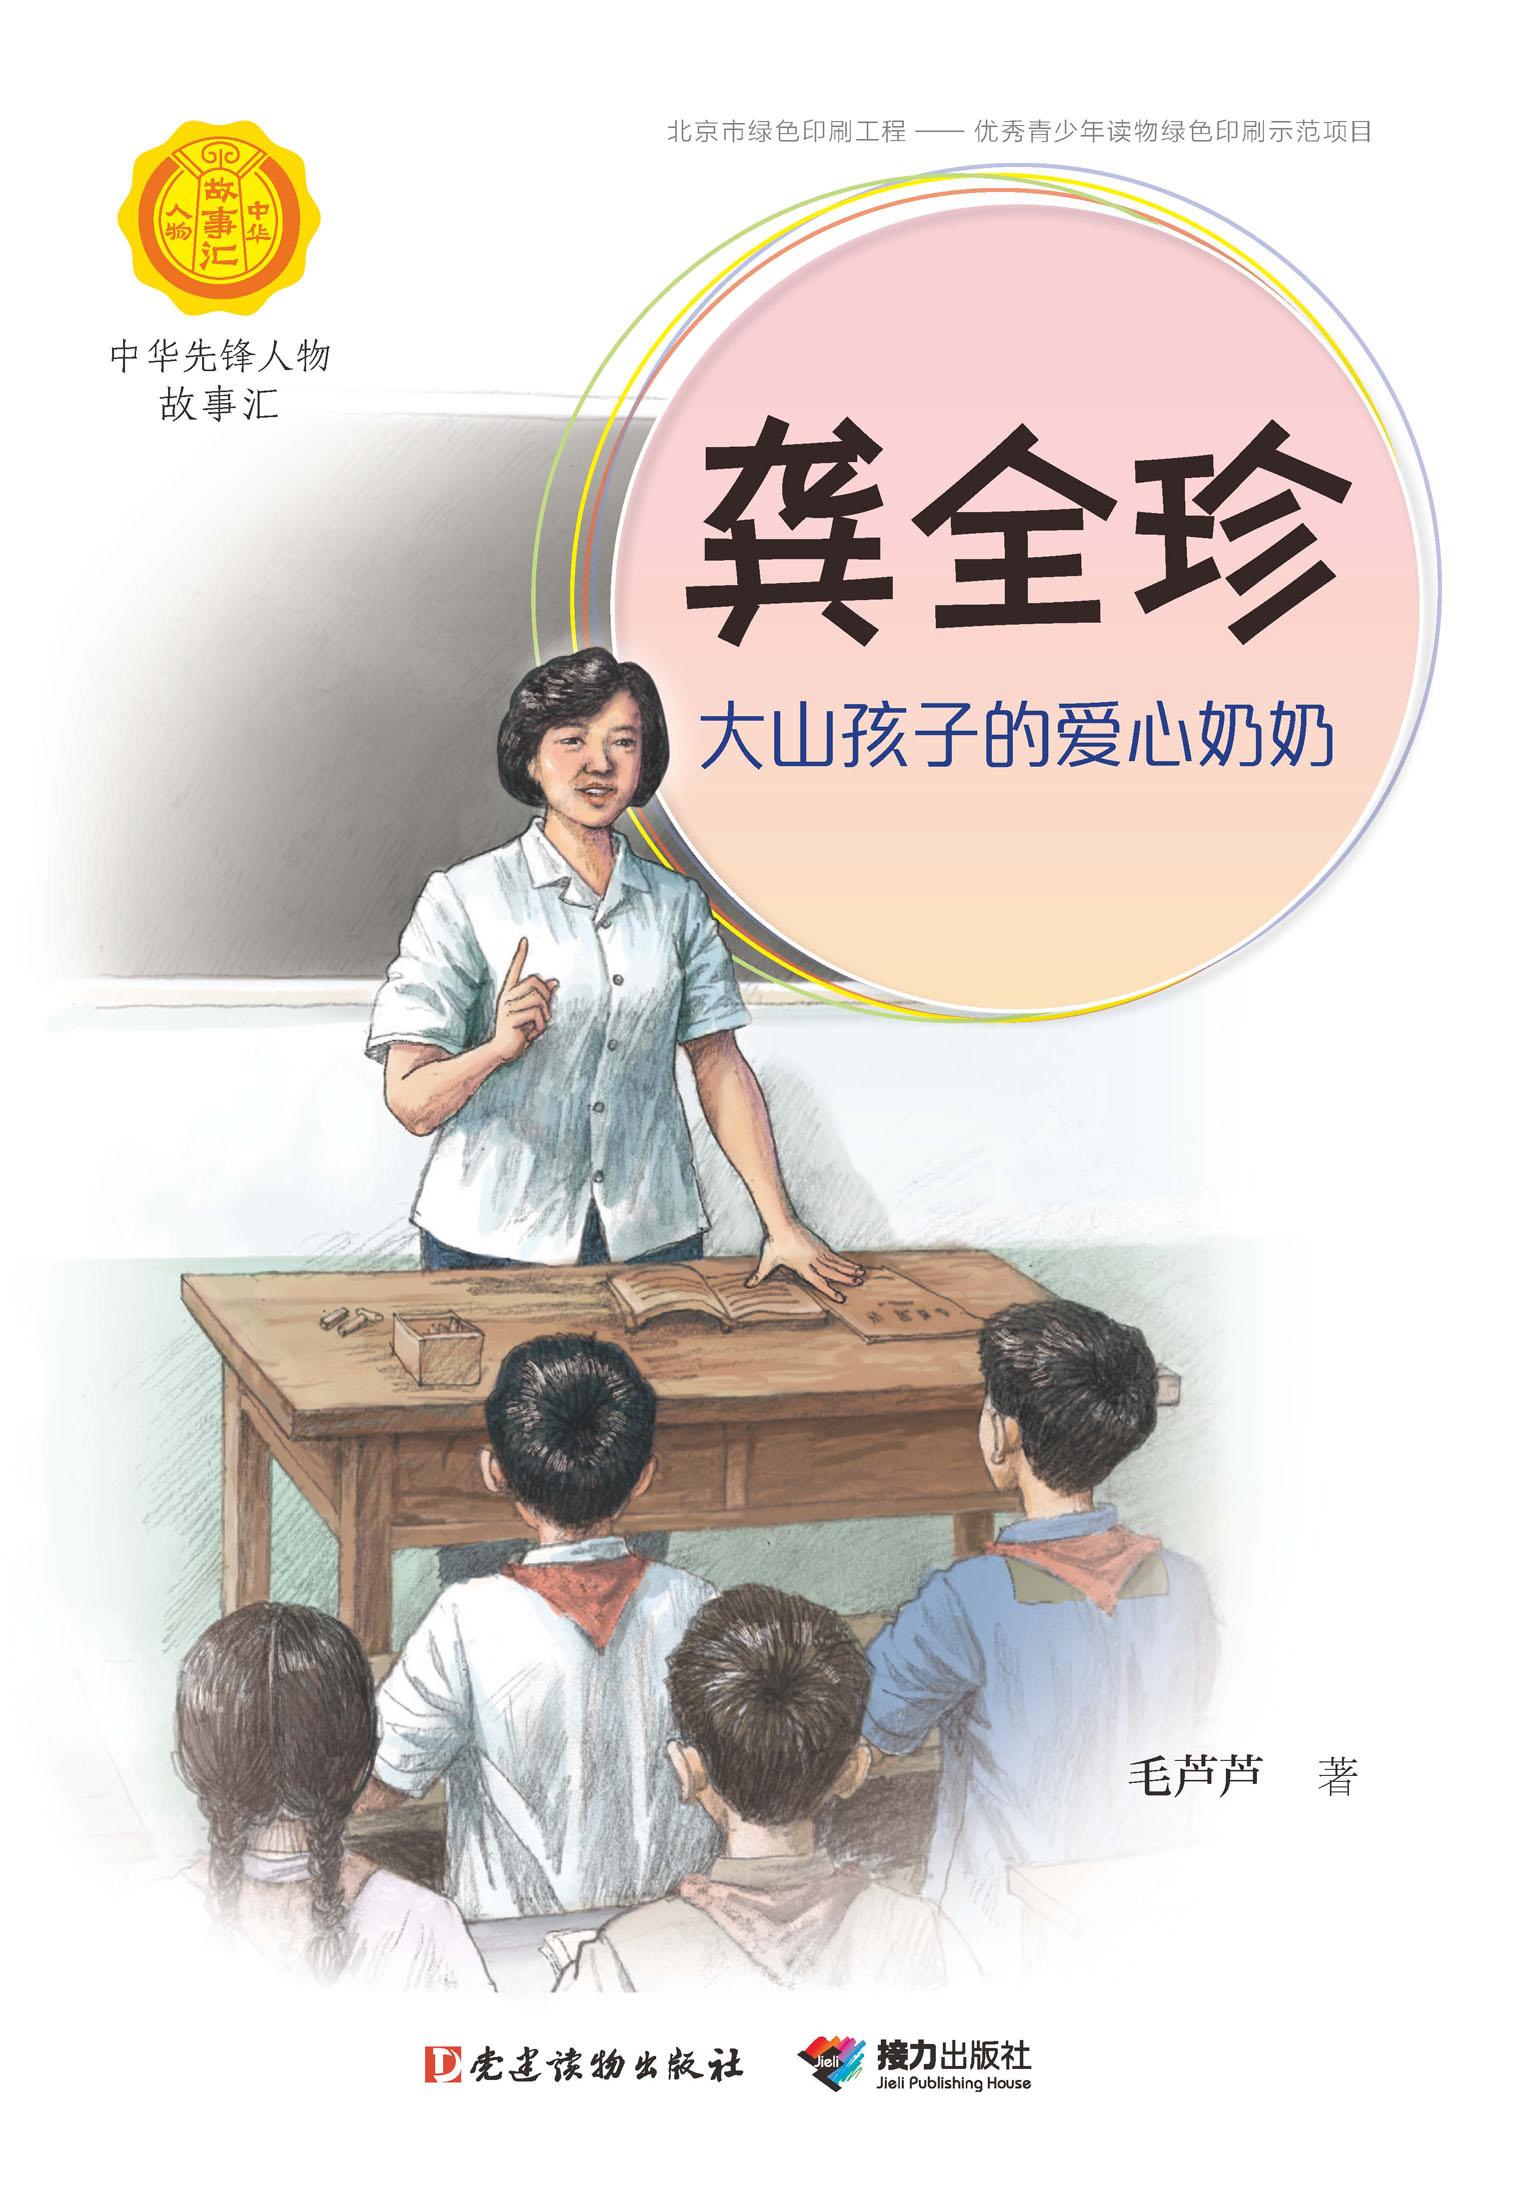 龚全珍:大山孩子的爱心奶奶